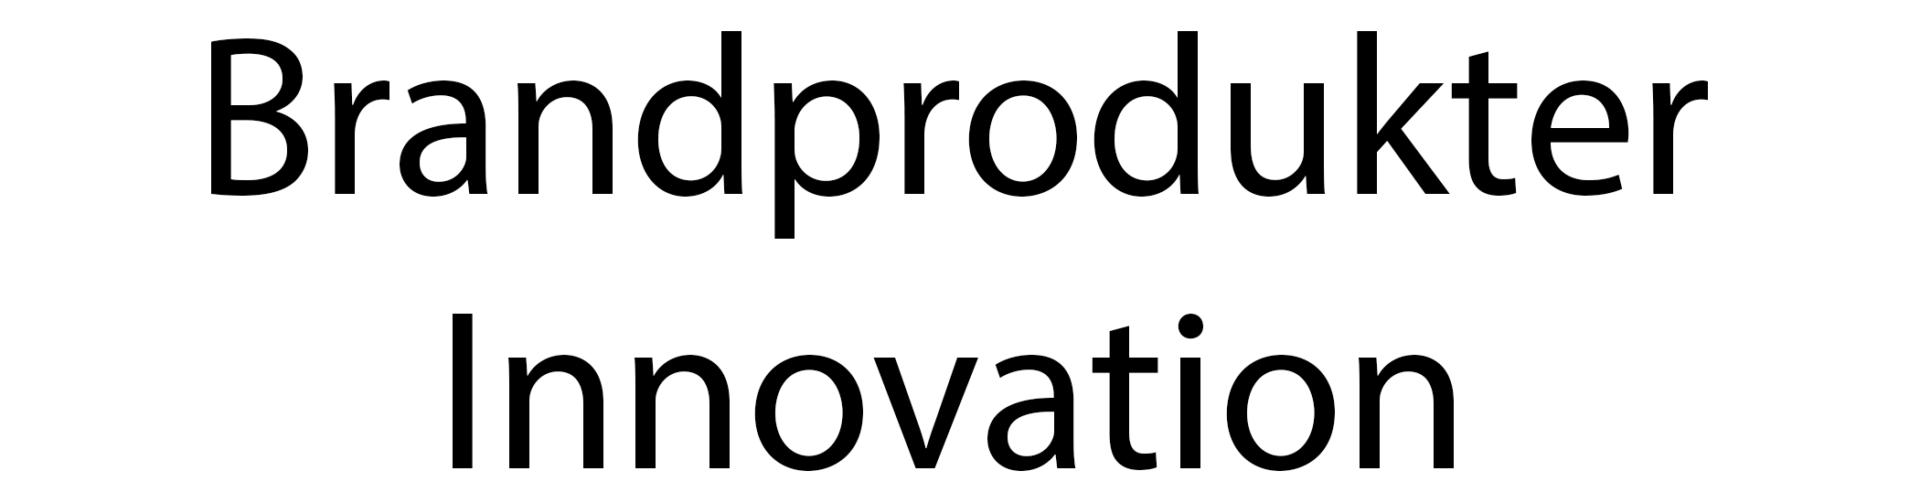 Brandprodukter innovation